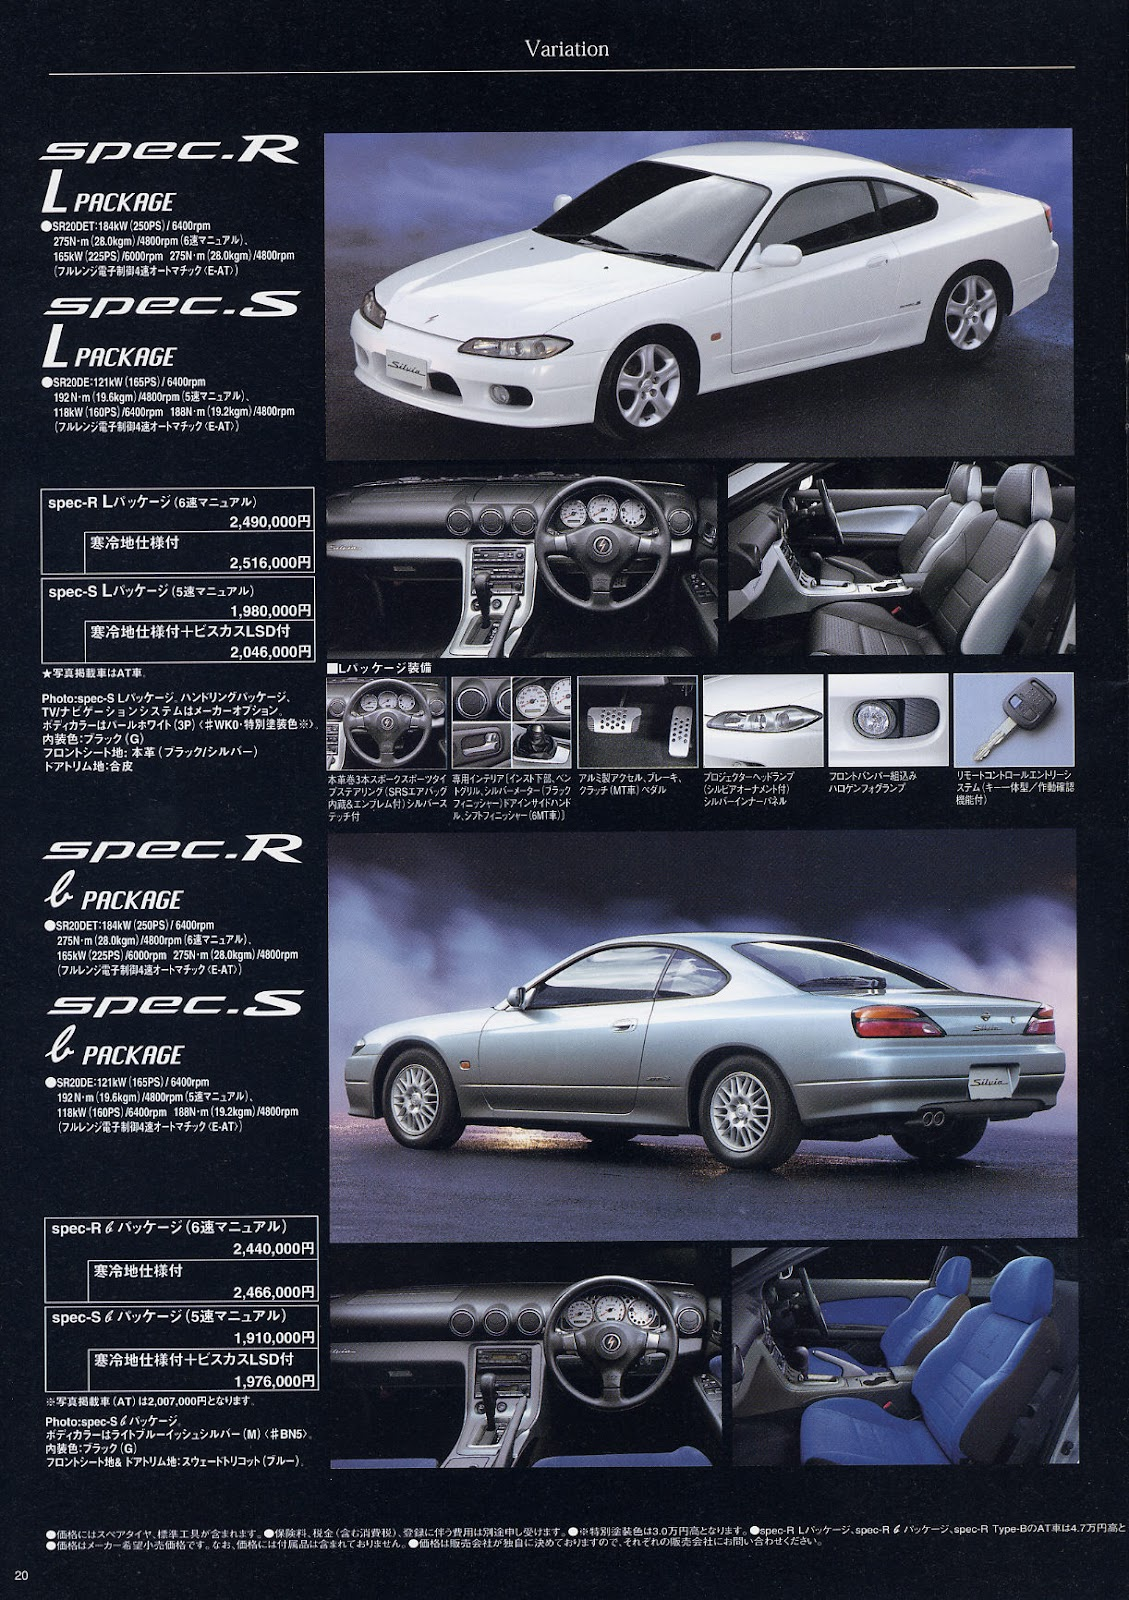 Nissan Silvia S15, JDM, kultowe samochody, auta z duszą, japońskie, sportowe modele, ponadczasowe